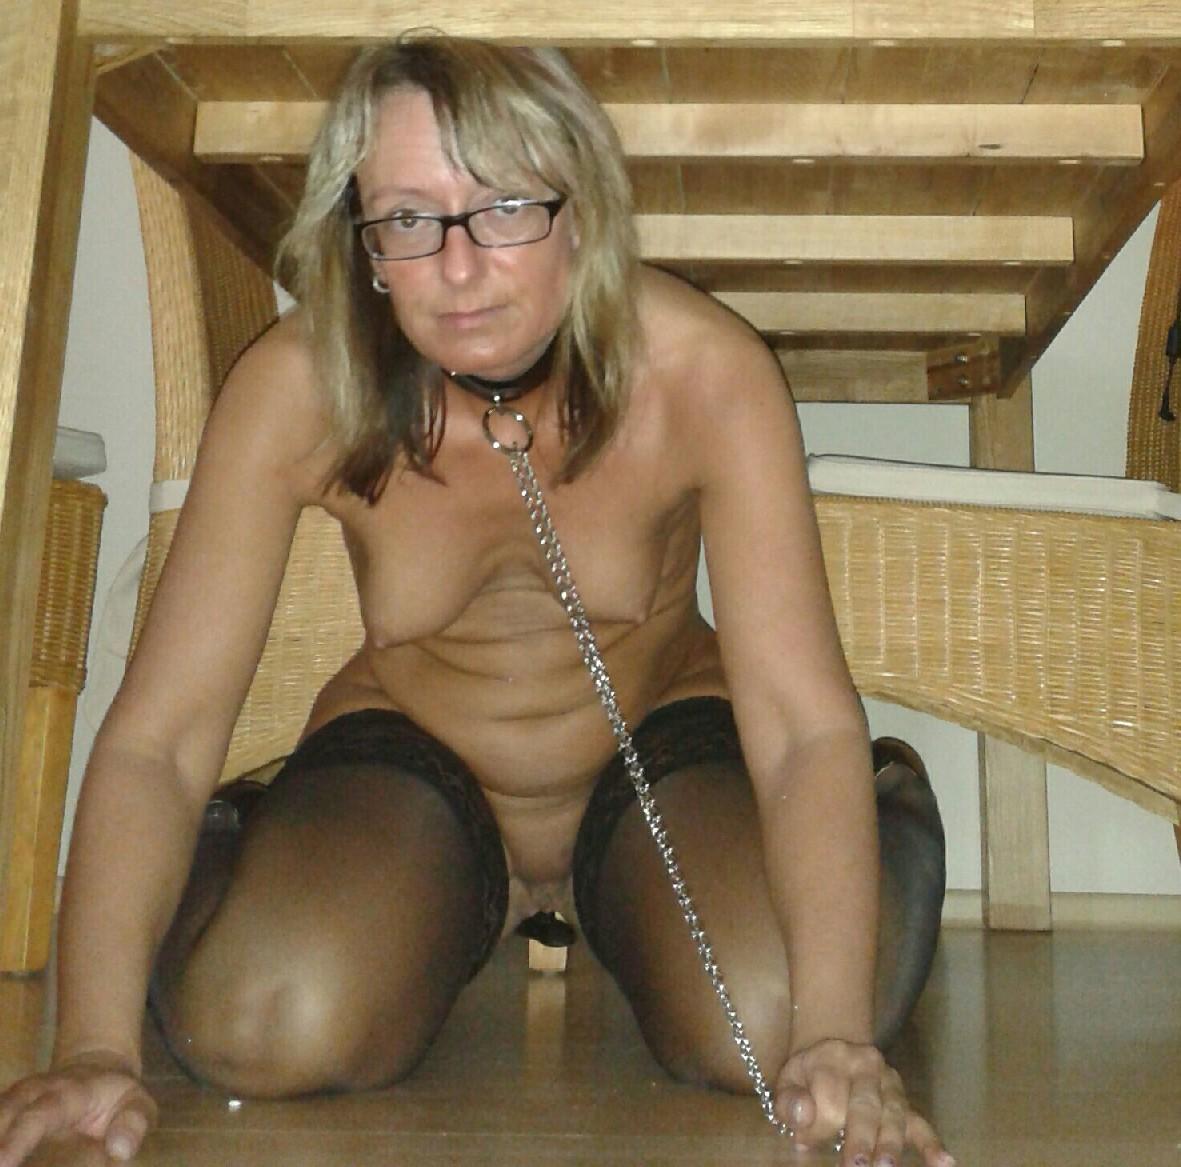 Развратница одевает на себя чулки и ошейник с поводком, показывая всю свою сексуальность и похоть